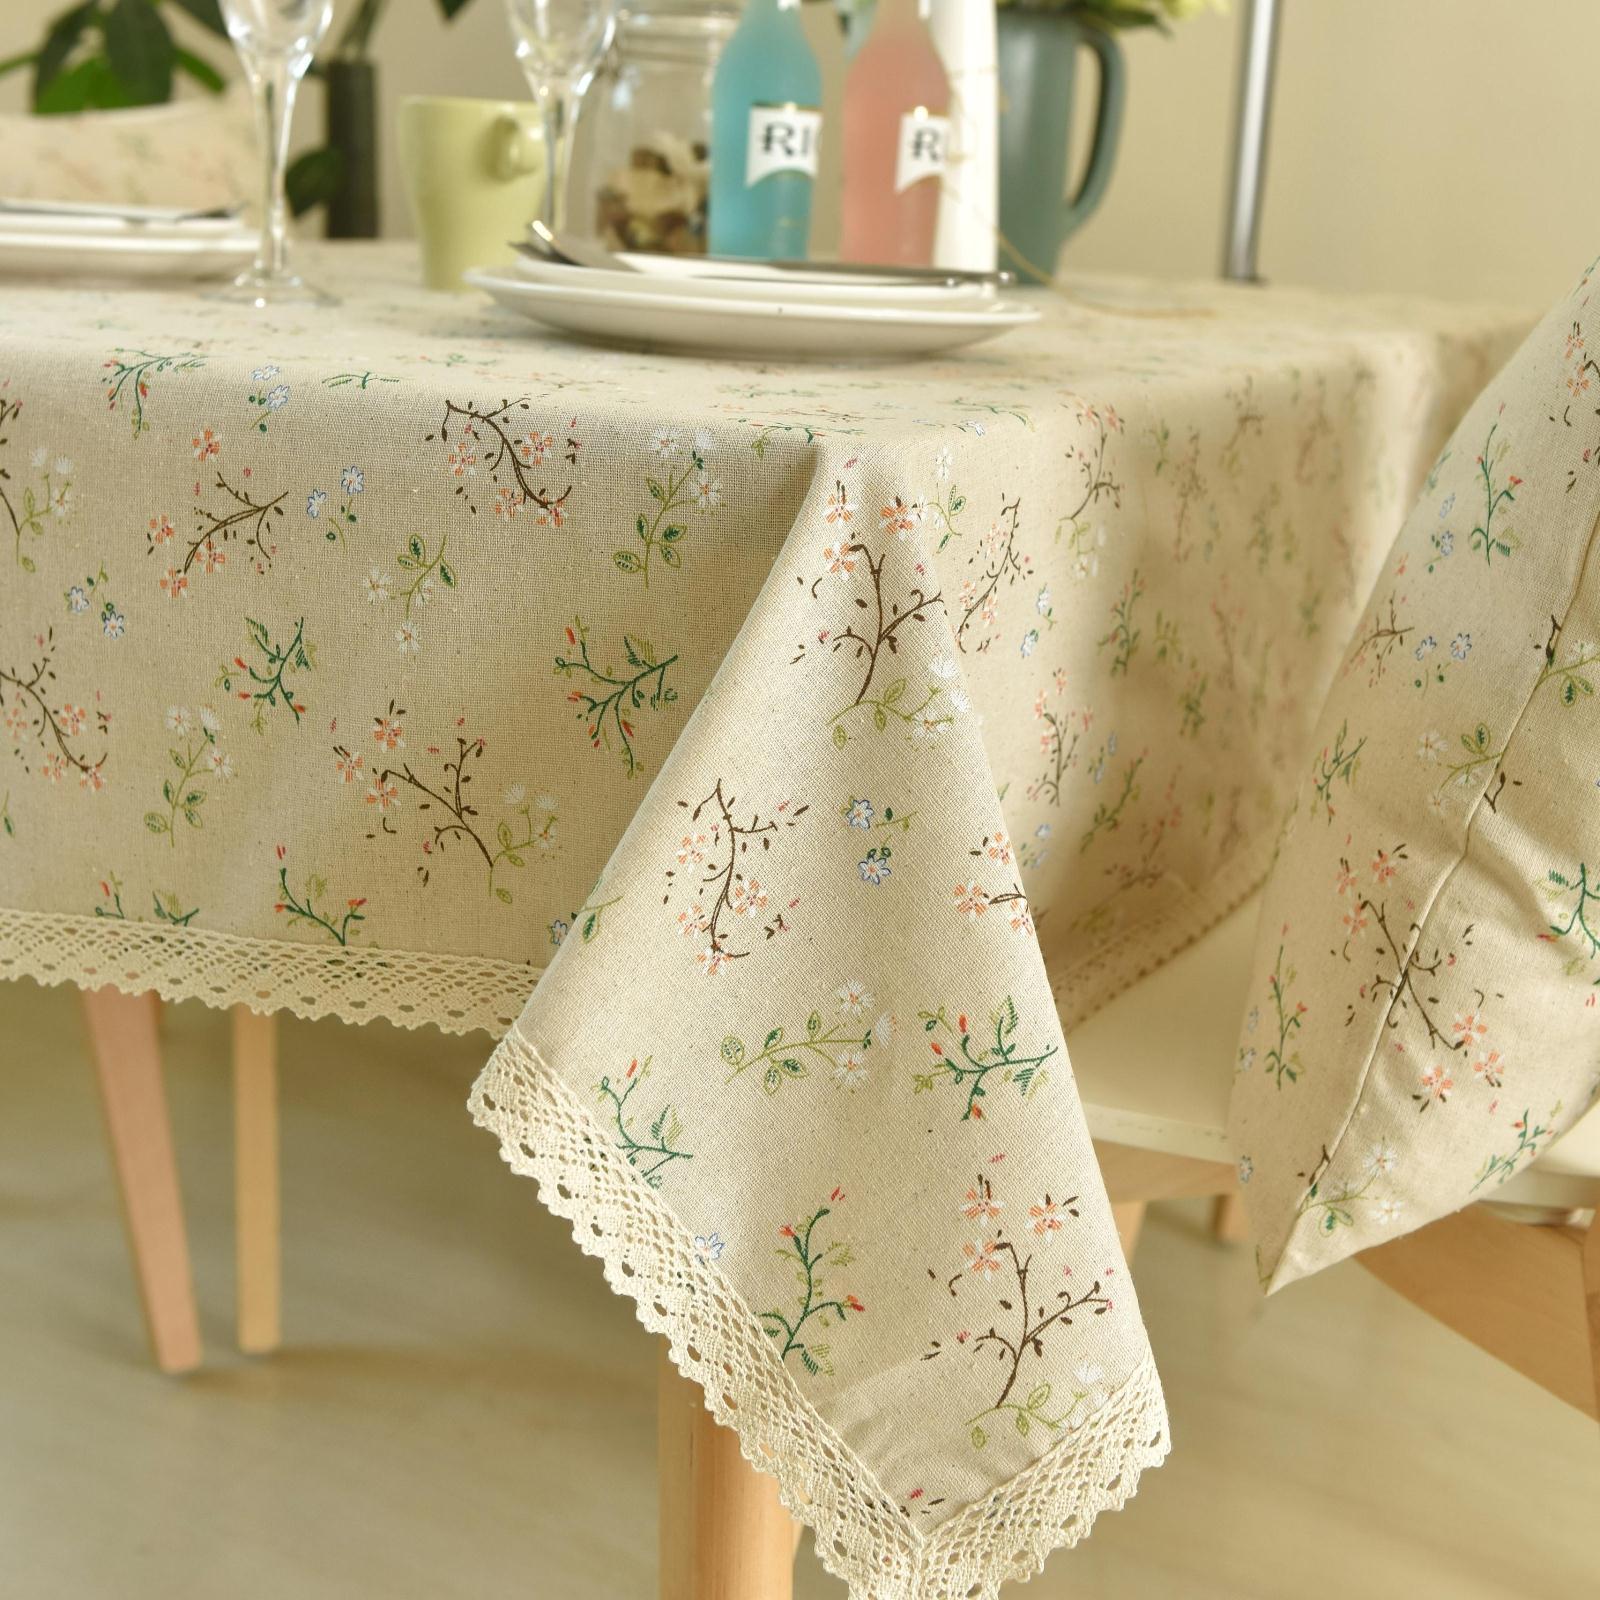 欧式田园风格小雏菊茶几台布桌垫桌布布艺蕾丝边餐桌